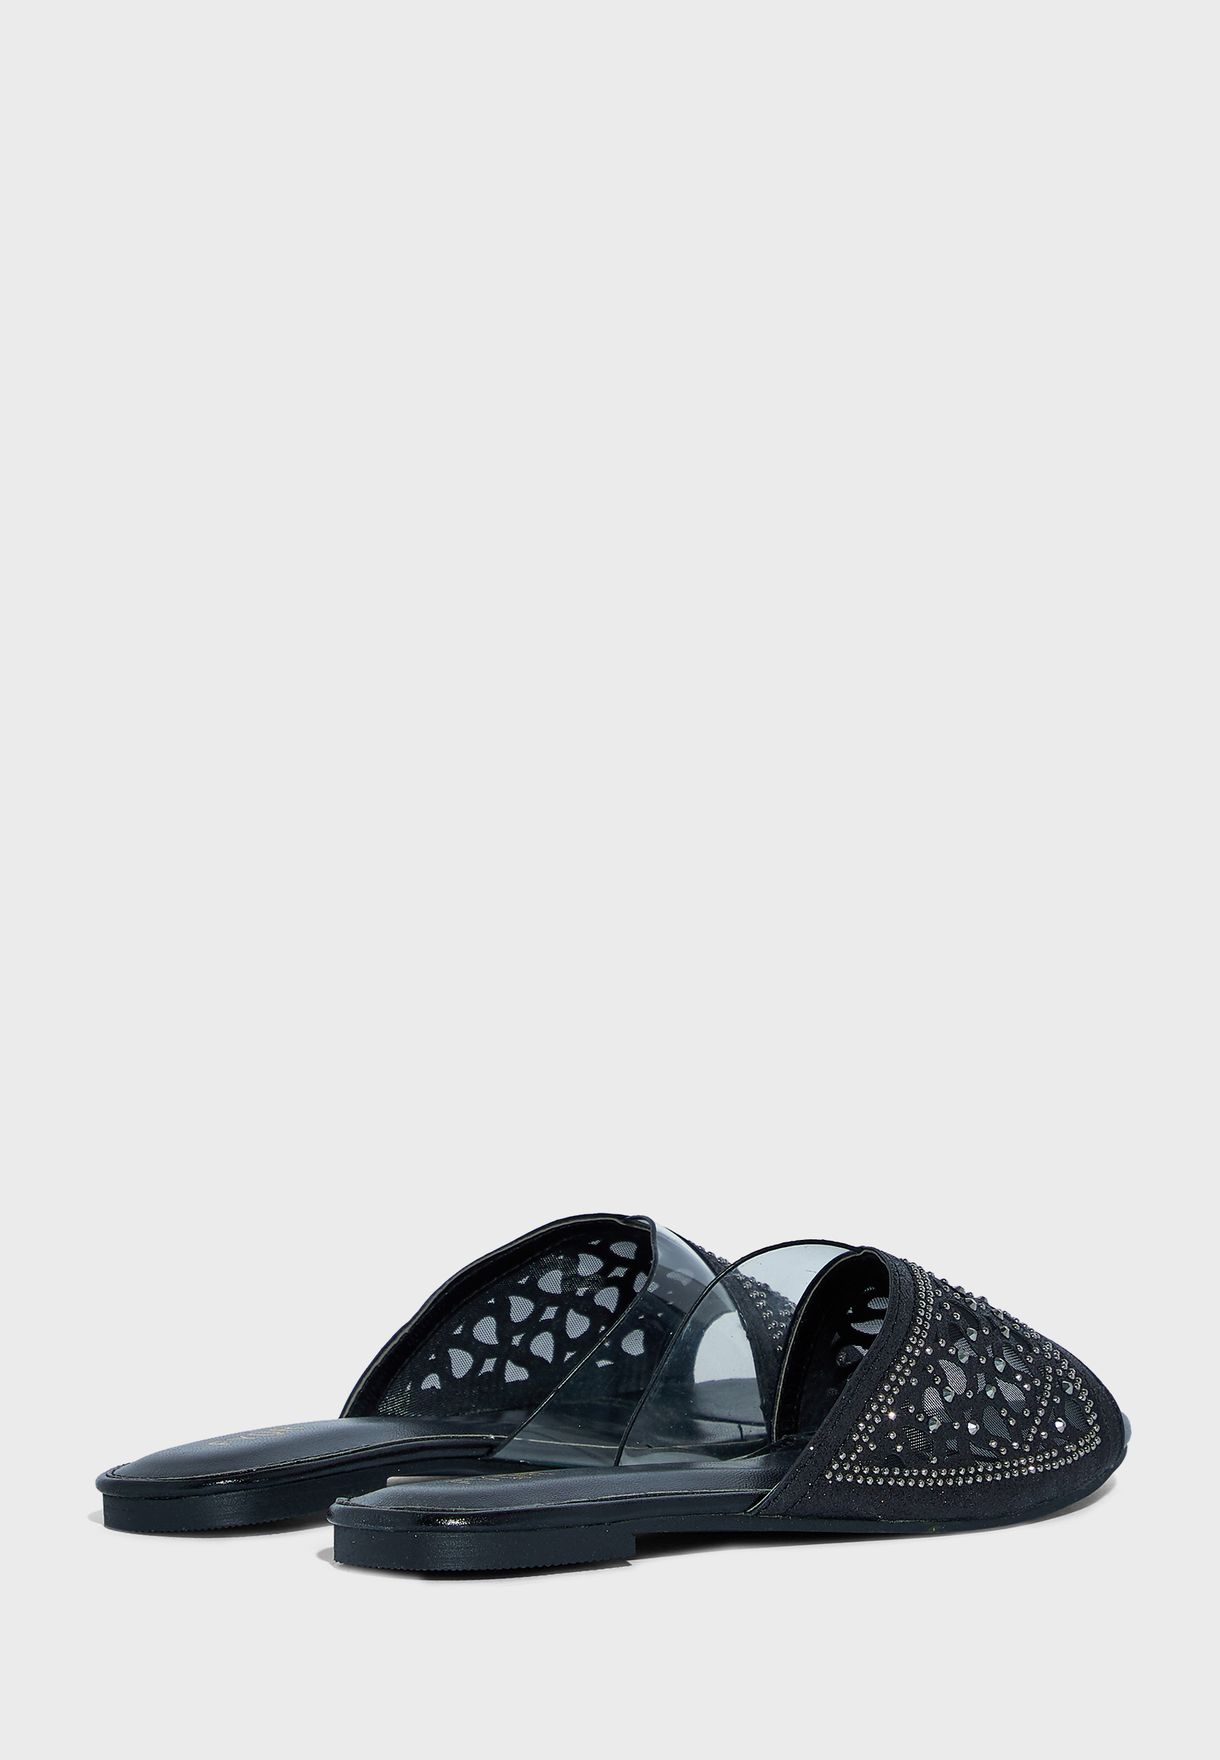 حذاء مزين بفتحات ليزر واحجار لامعة